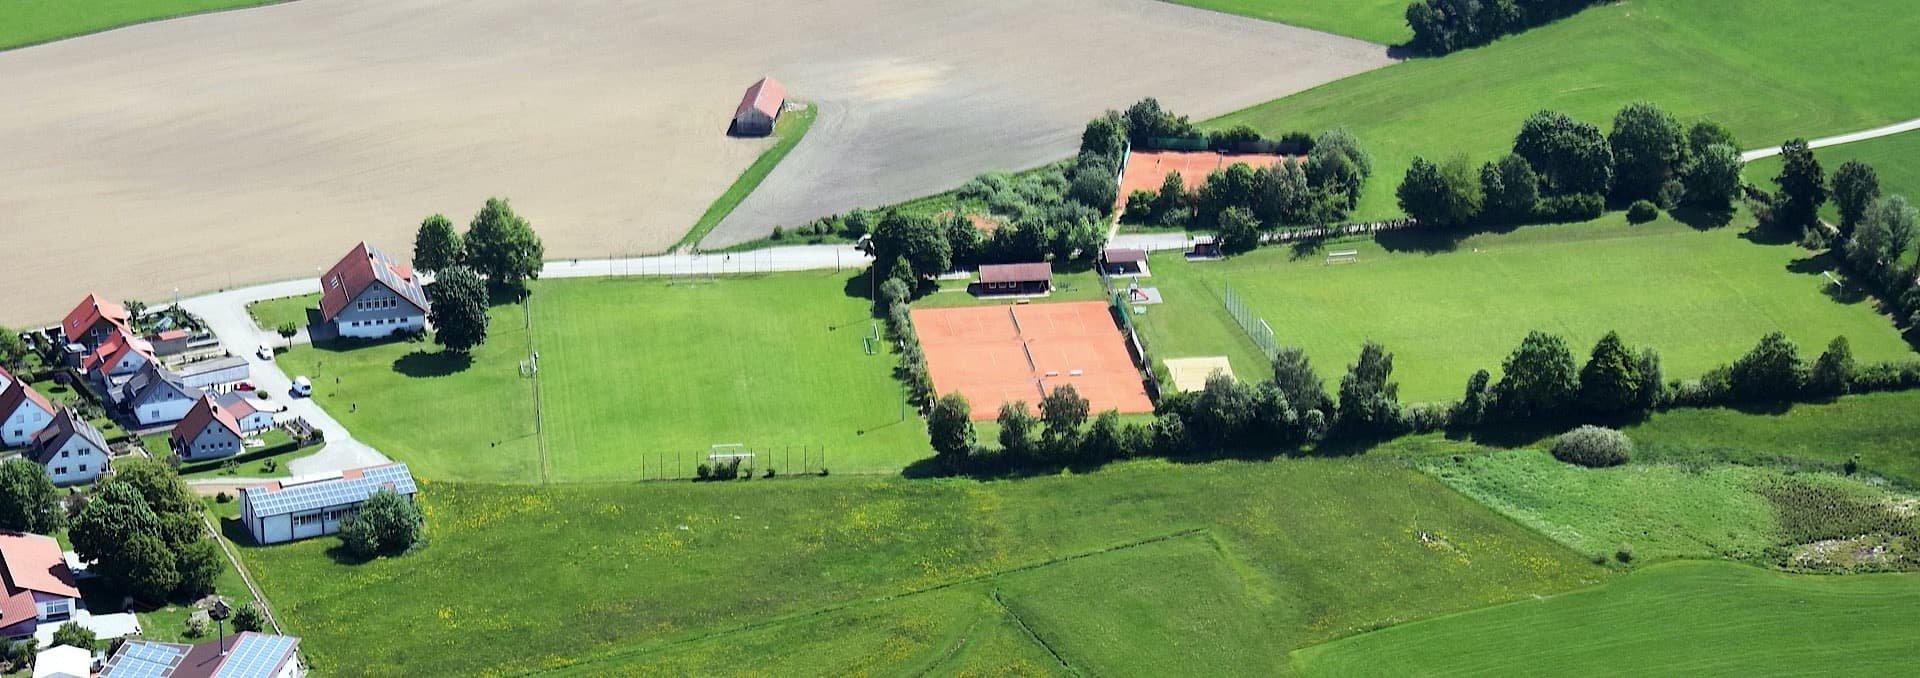 Das Sportgelände des SV Herlazhofen